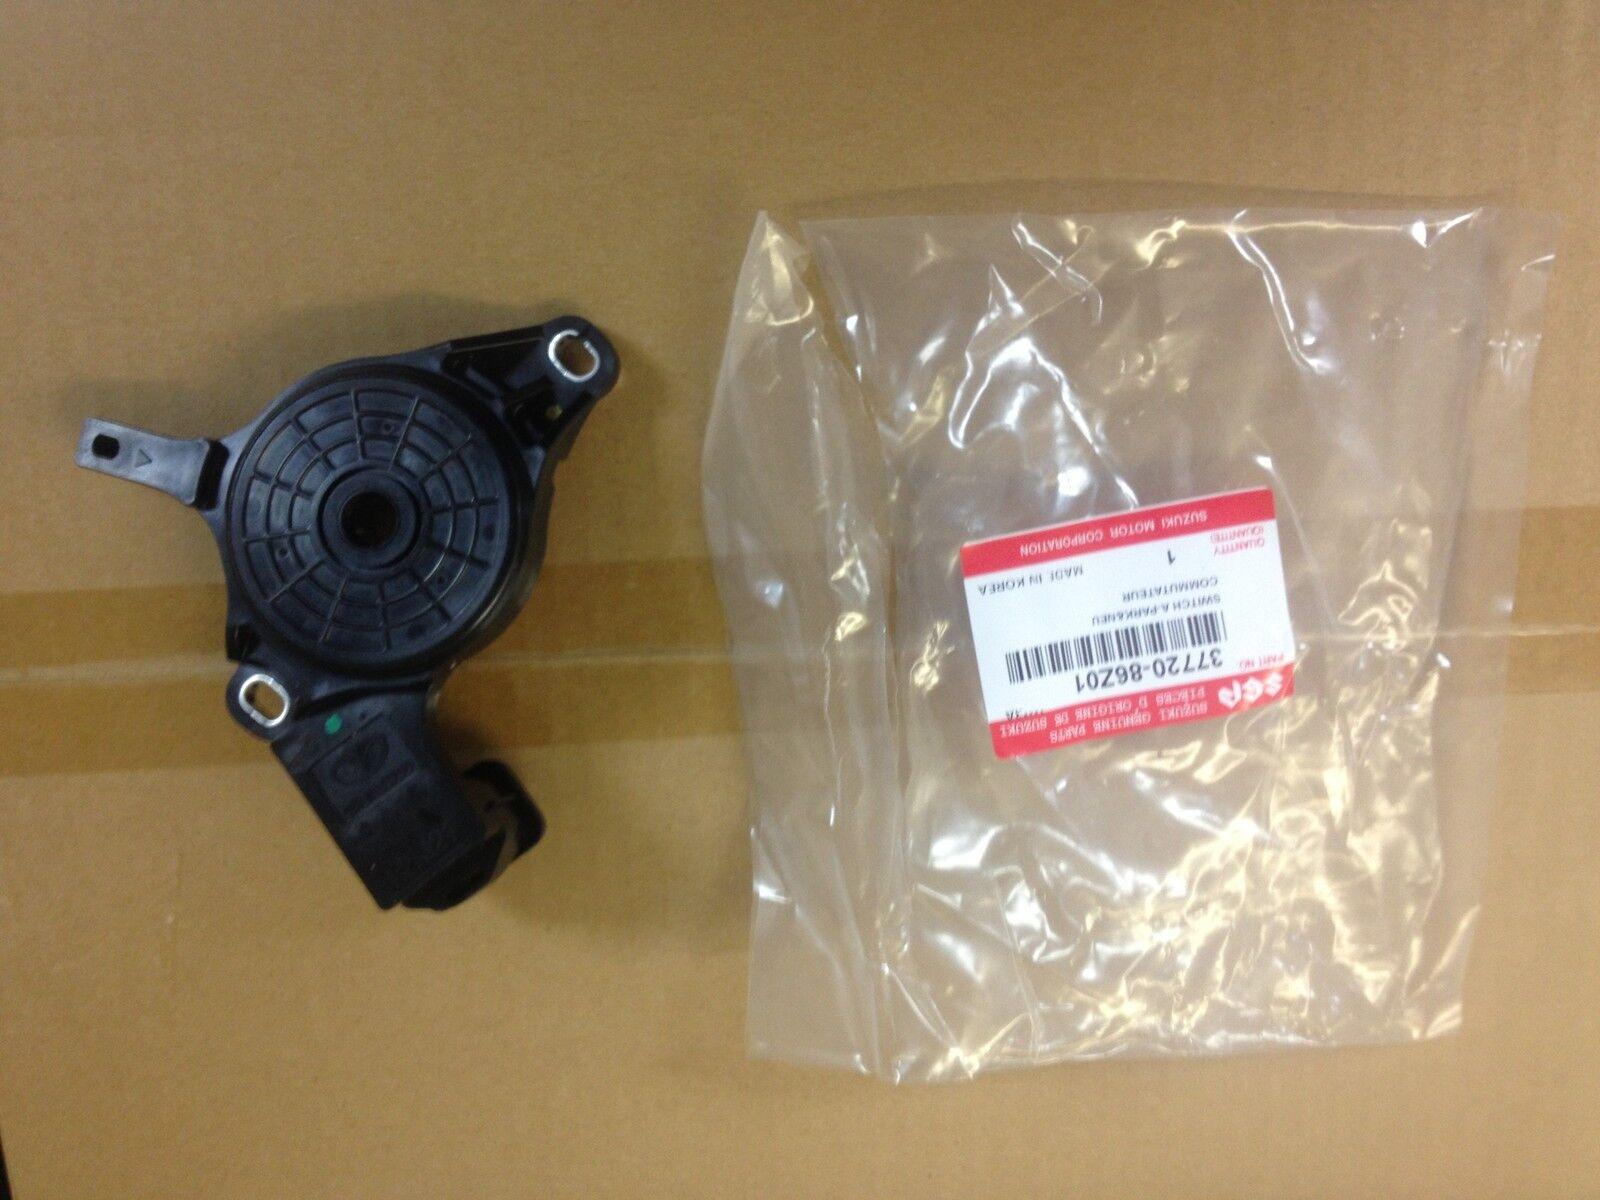 Suzuki Verona Transmission Range Sensor